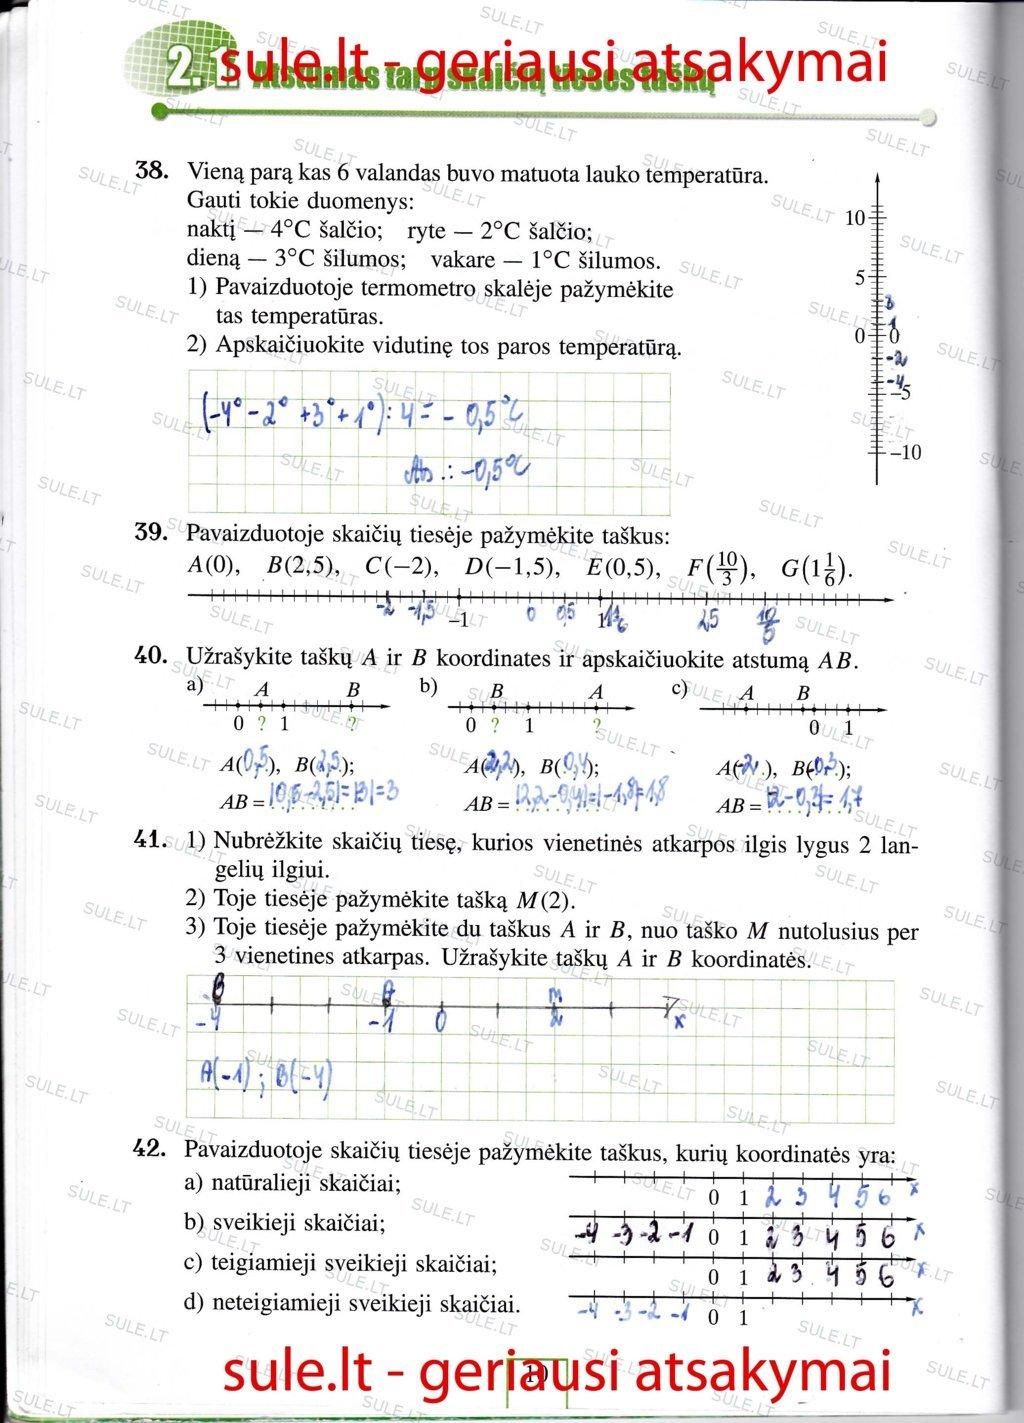 Peržiūrėti puslapį 10